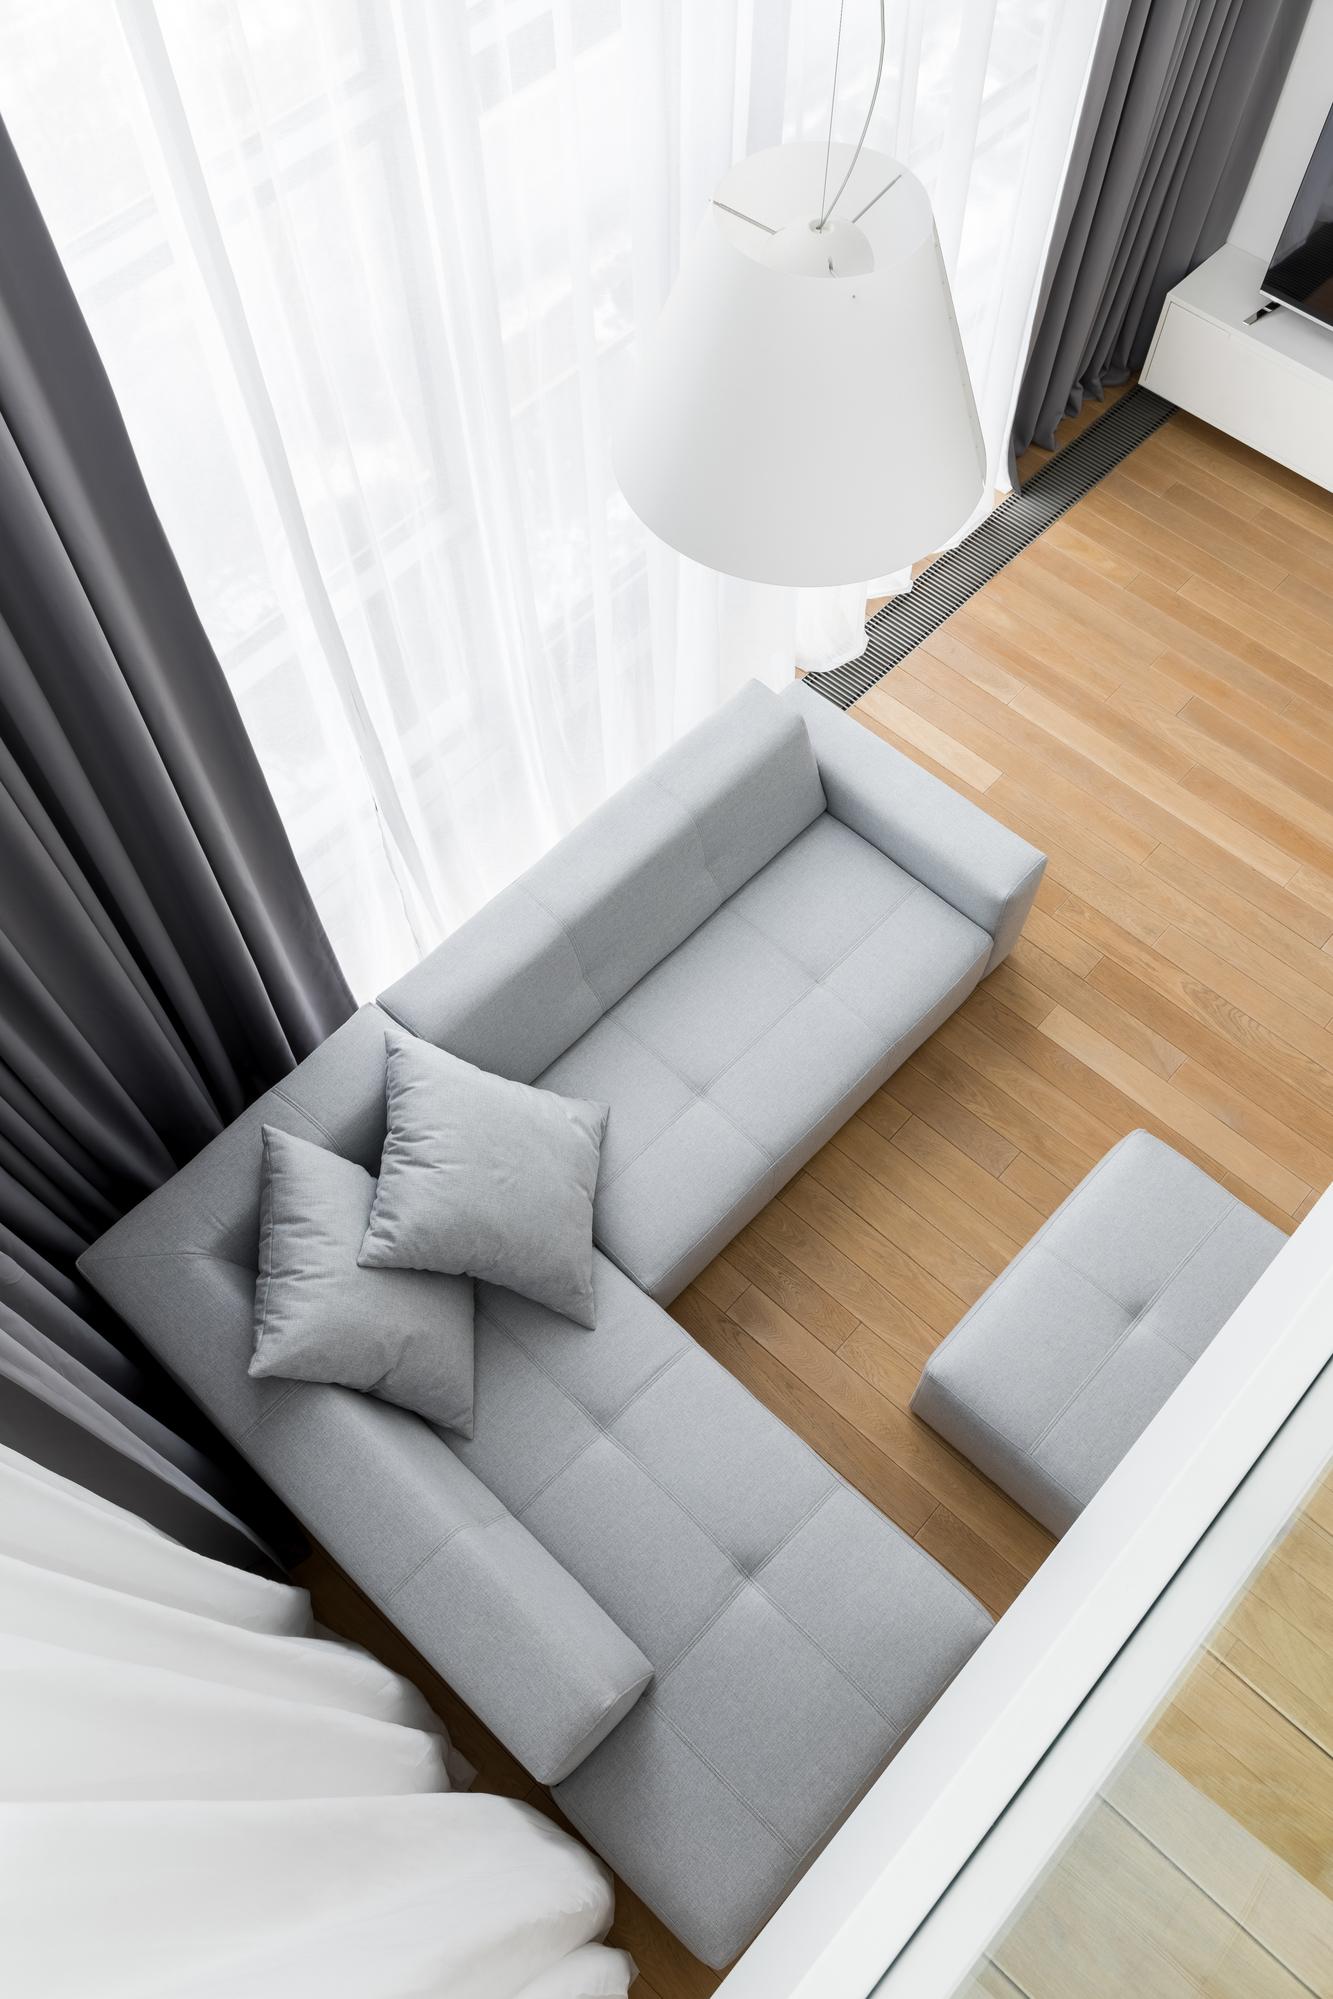 Detalle de sofá rinconero en salón estrecho y alargado